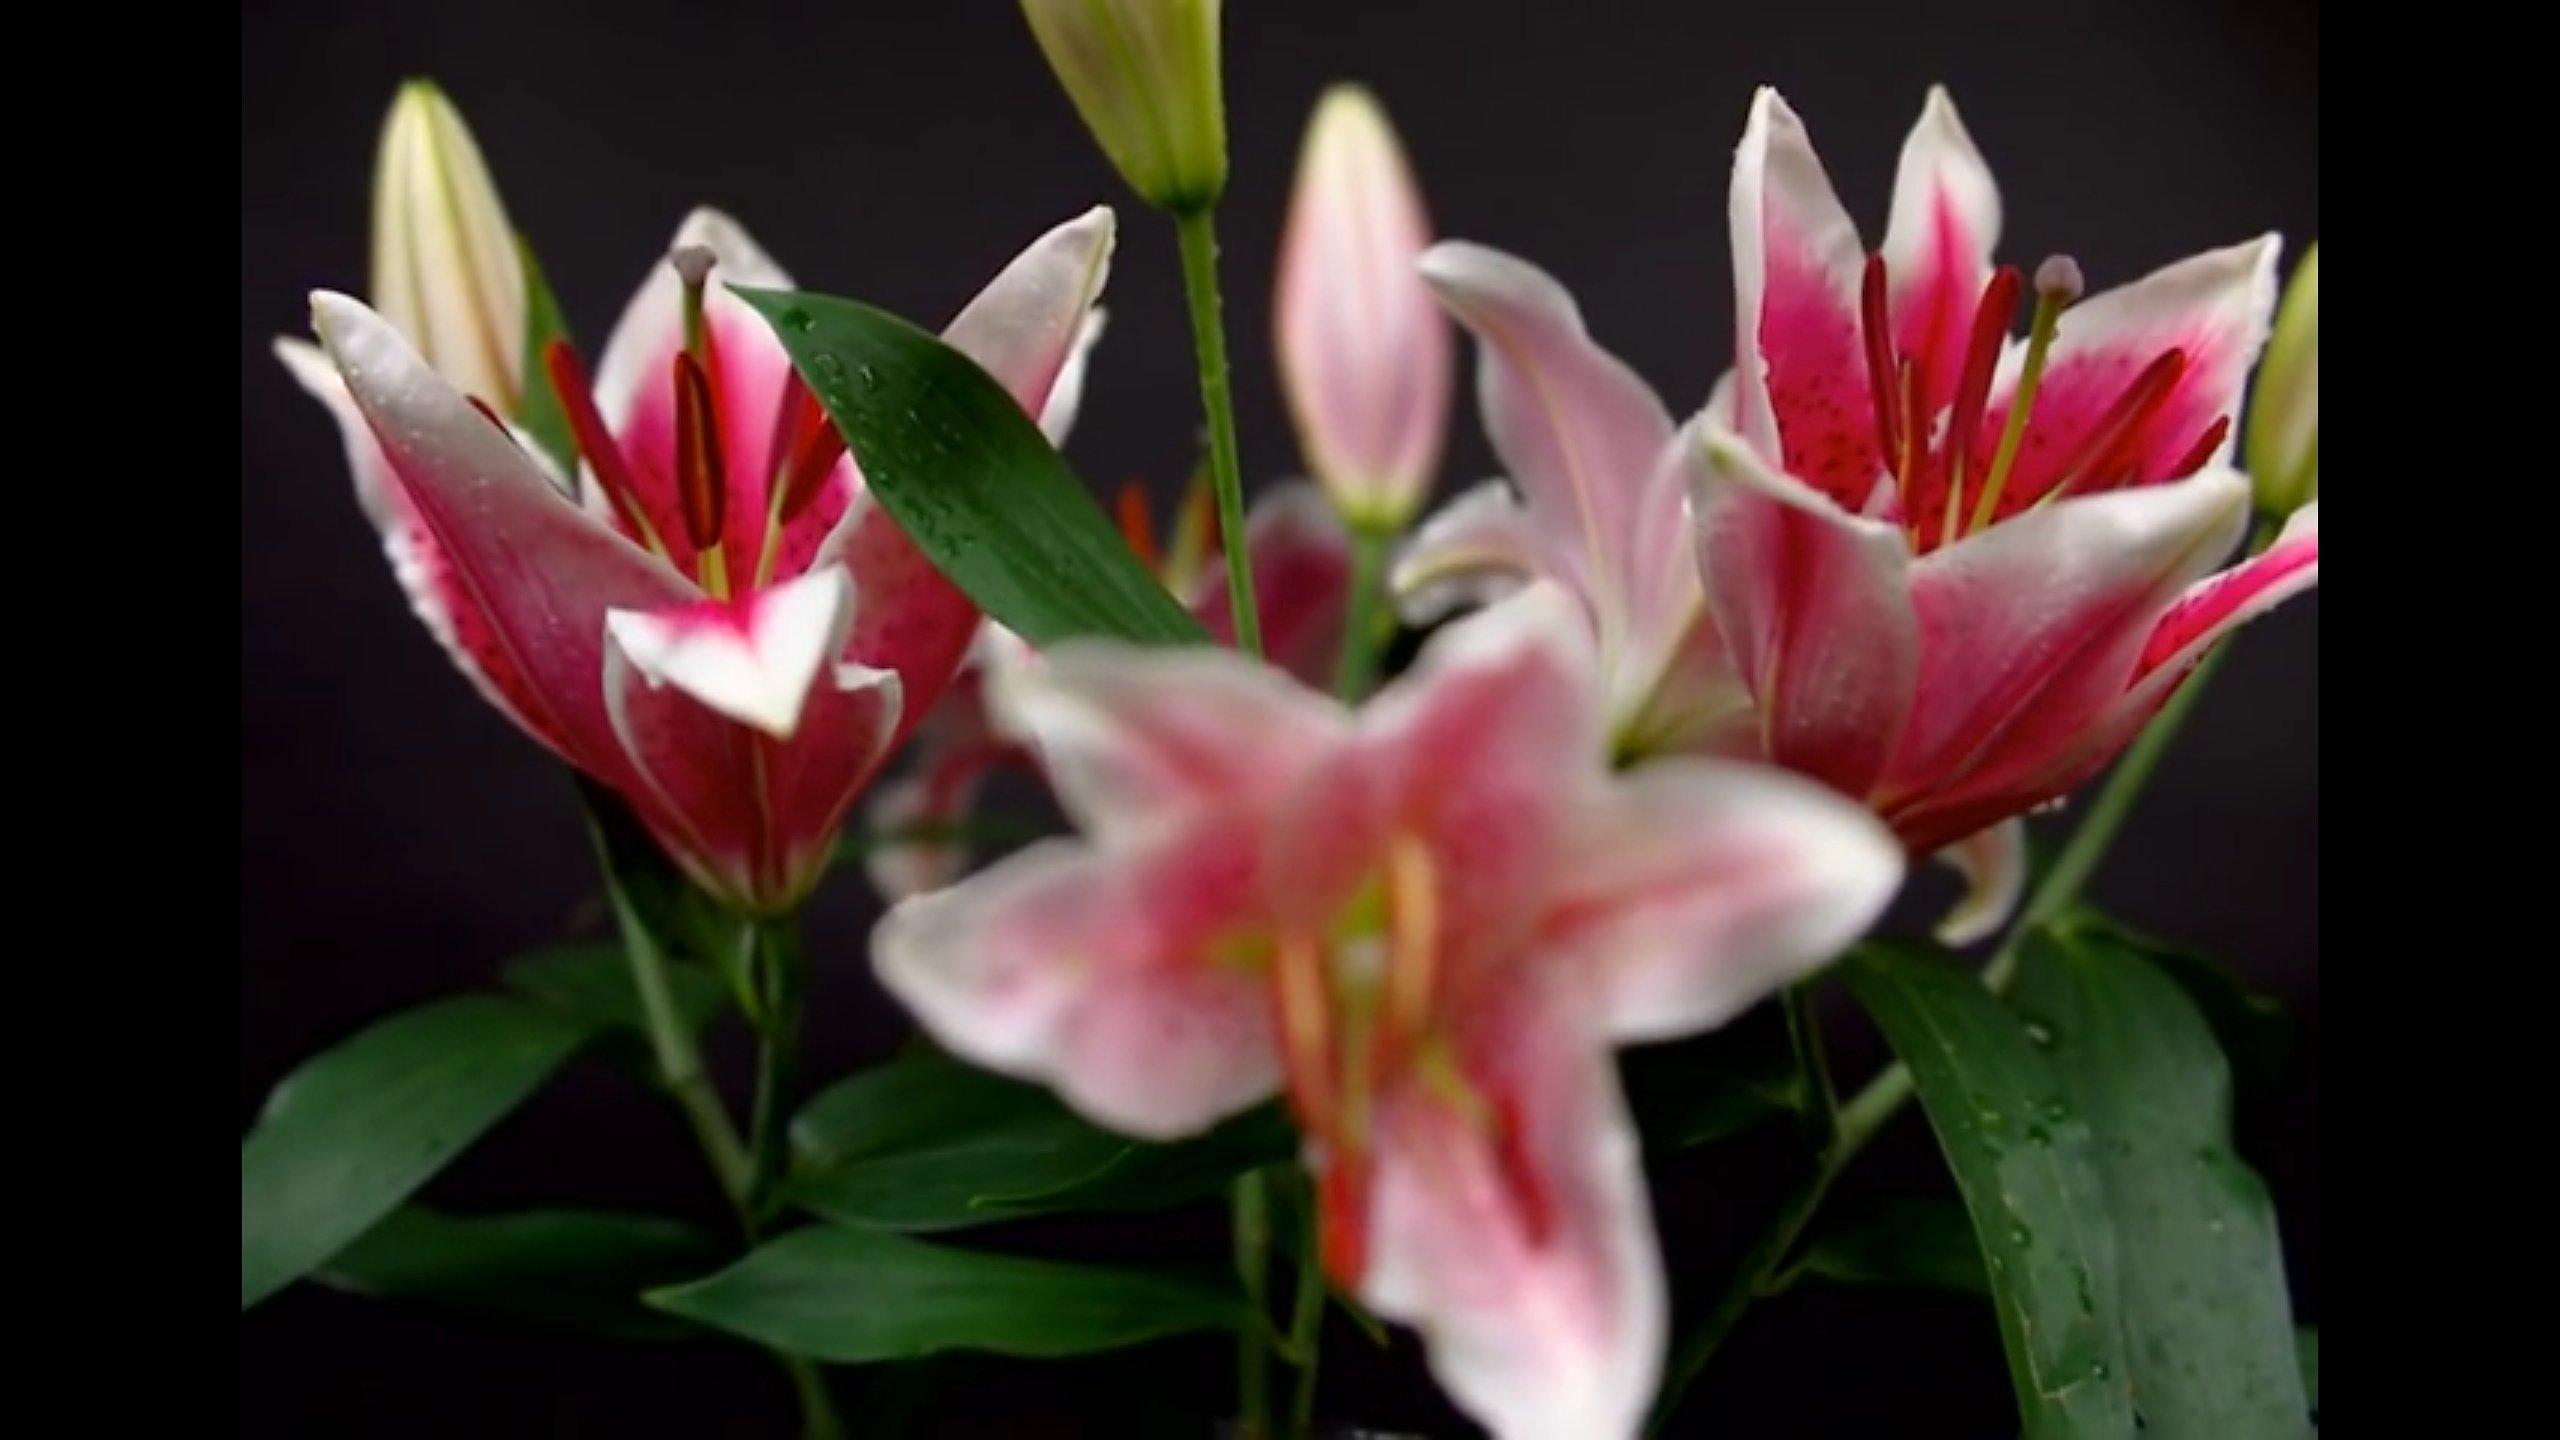 Filmsequenz aufgehender Blumen: Zunächst konzentriert sich der Kameramann auf die Blumen im Hintergrund ...